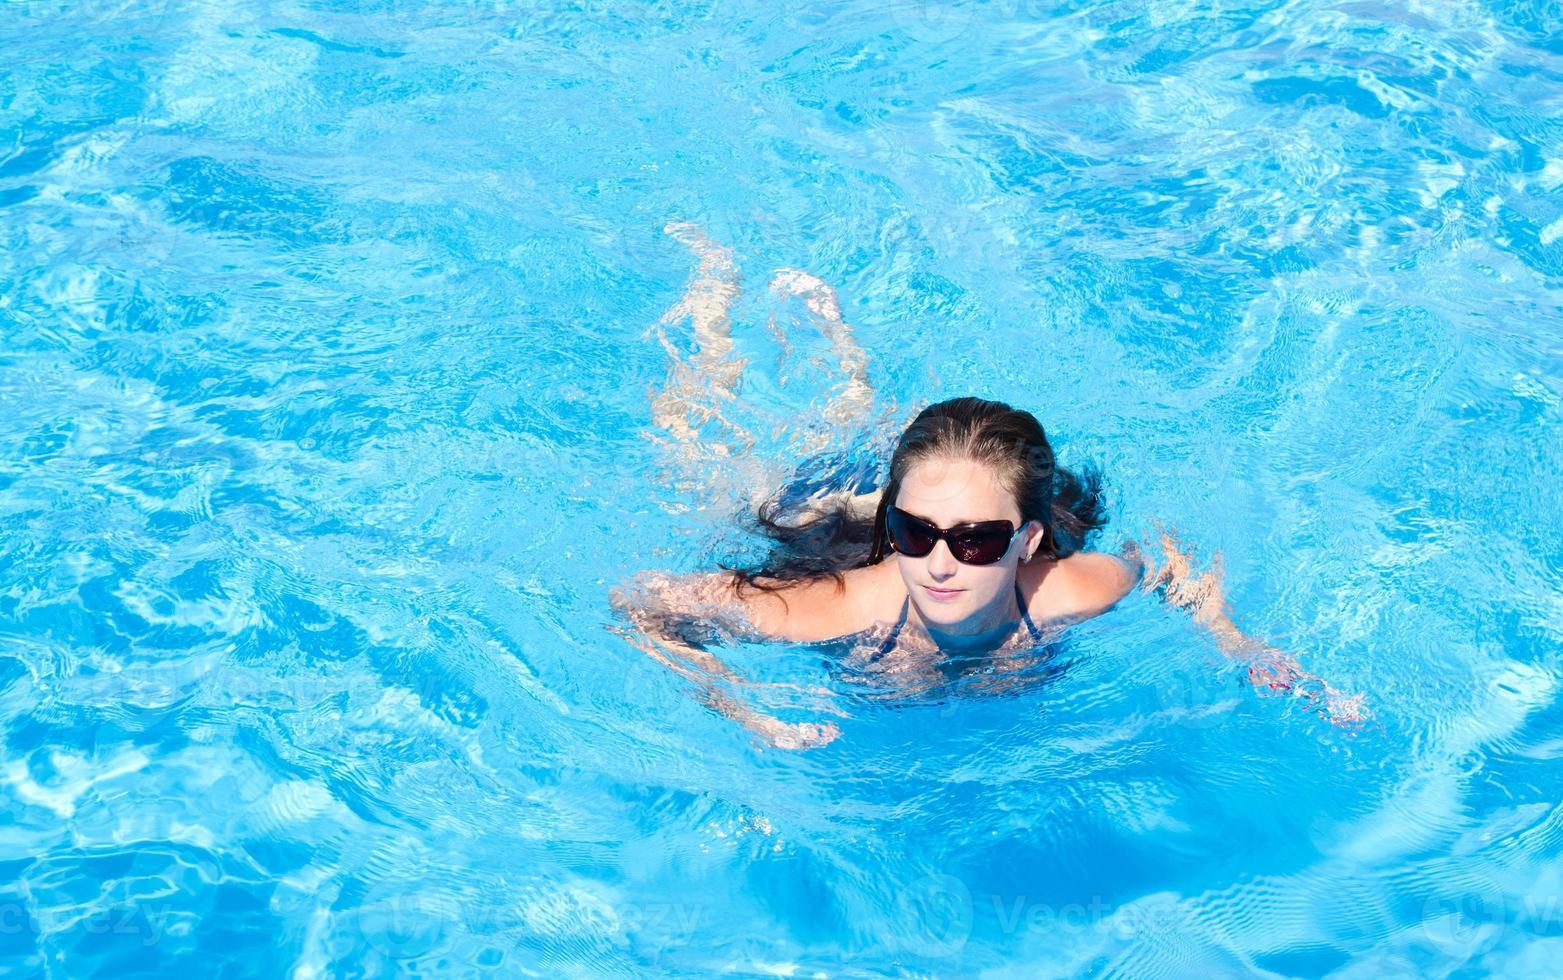 ung flicka i poolen foto